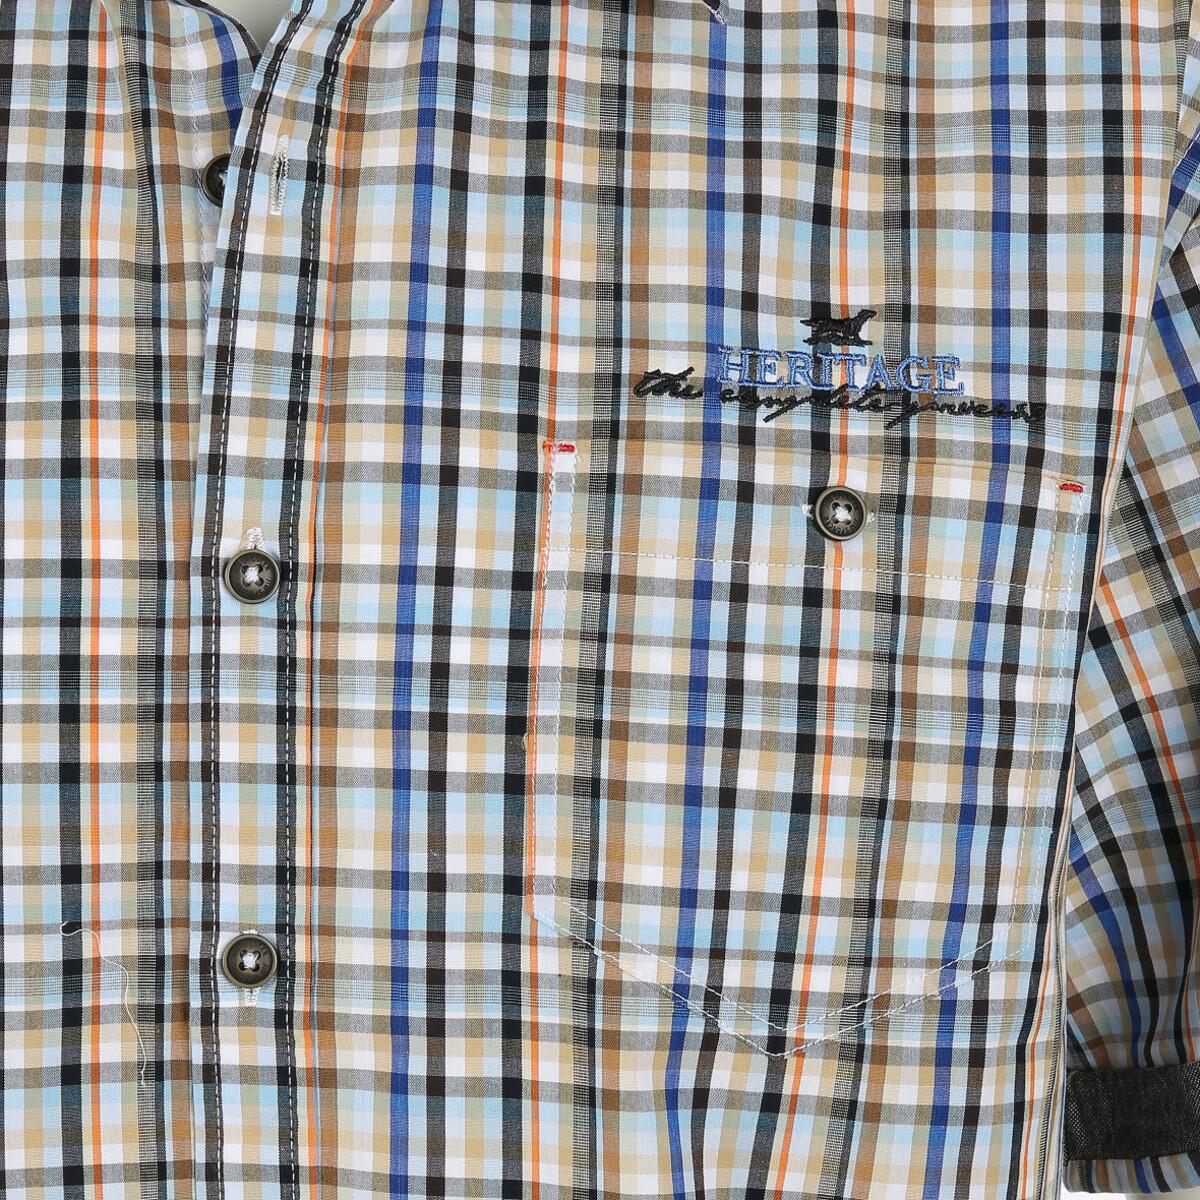 Bild 3 von Herren Freizeithemd mit kurzen Ärmeln